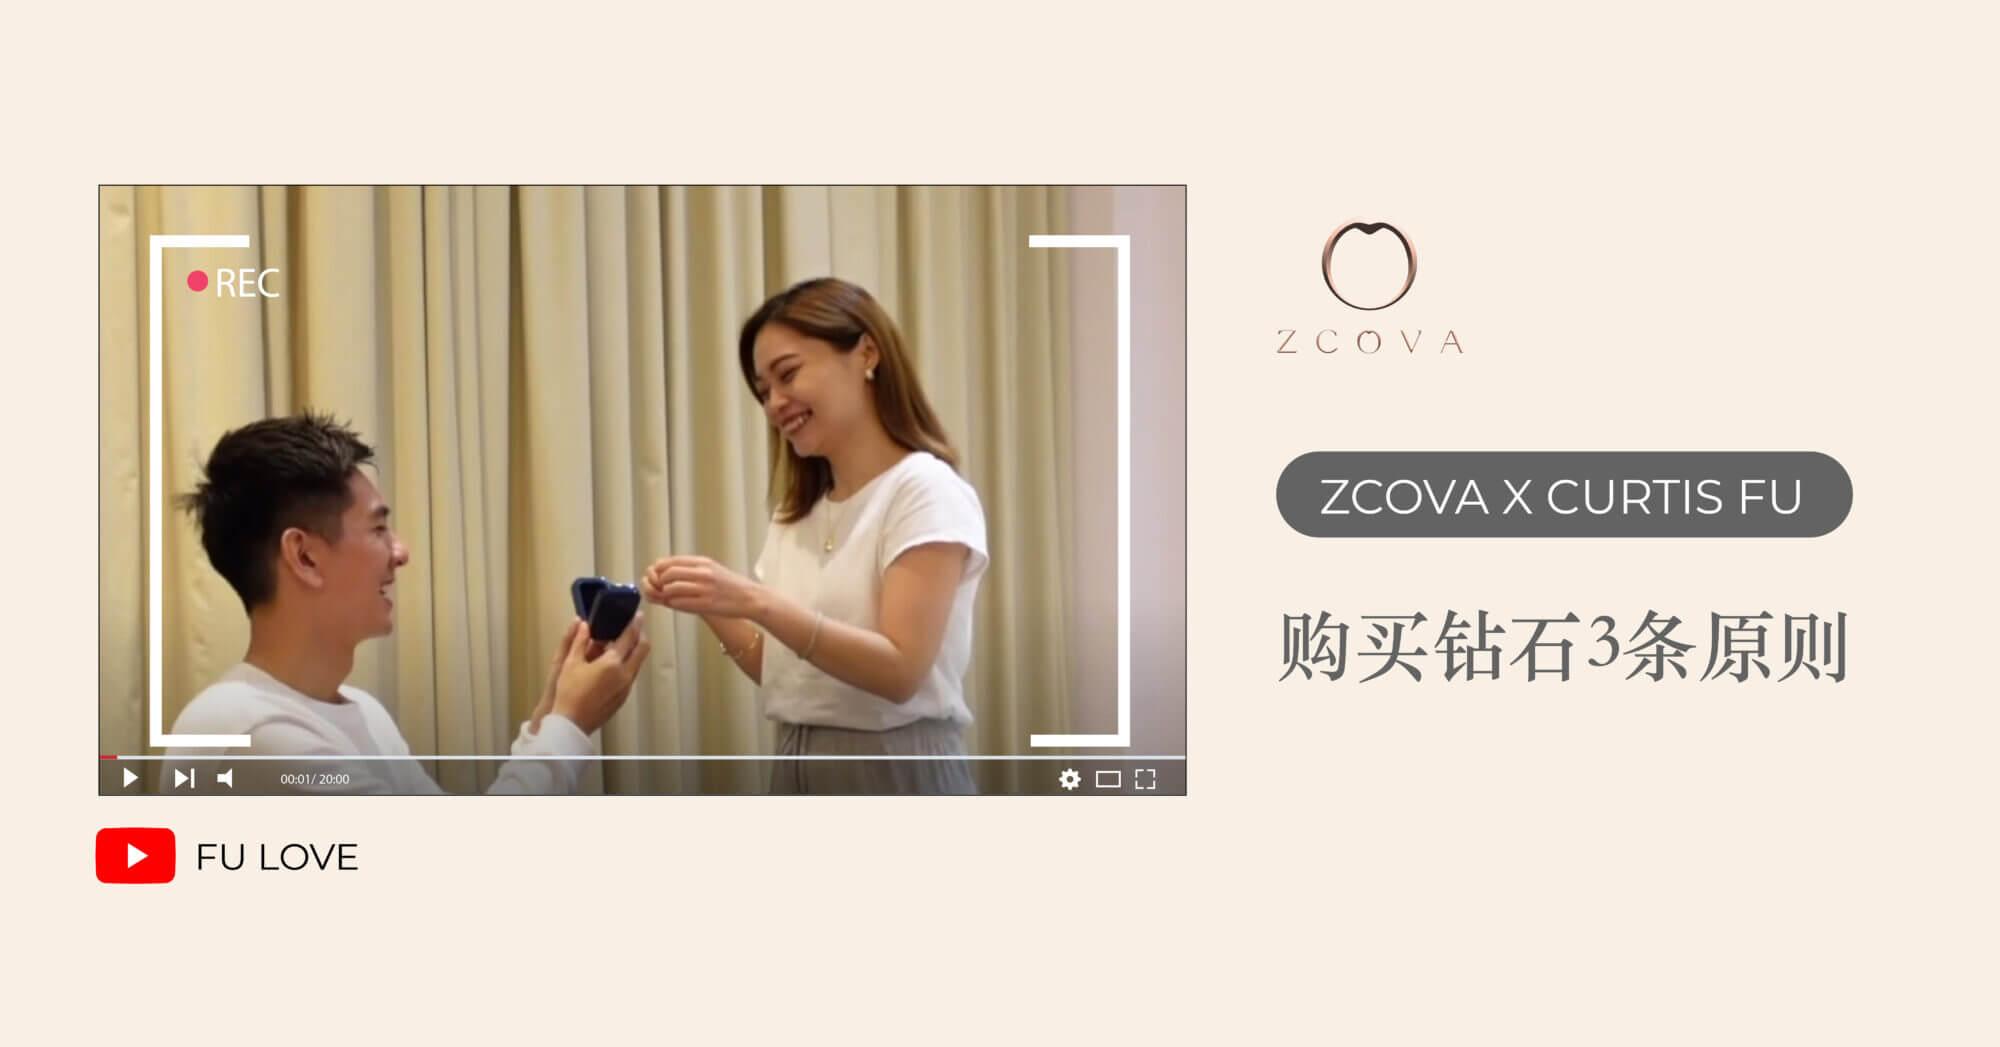 购买钻石的3条原则 ZCOVA